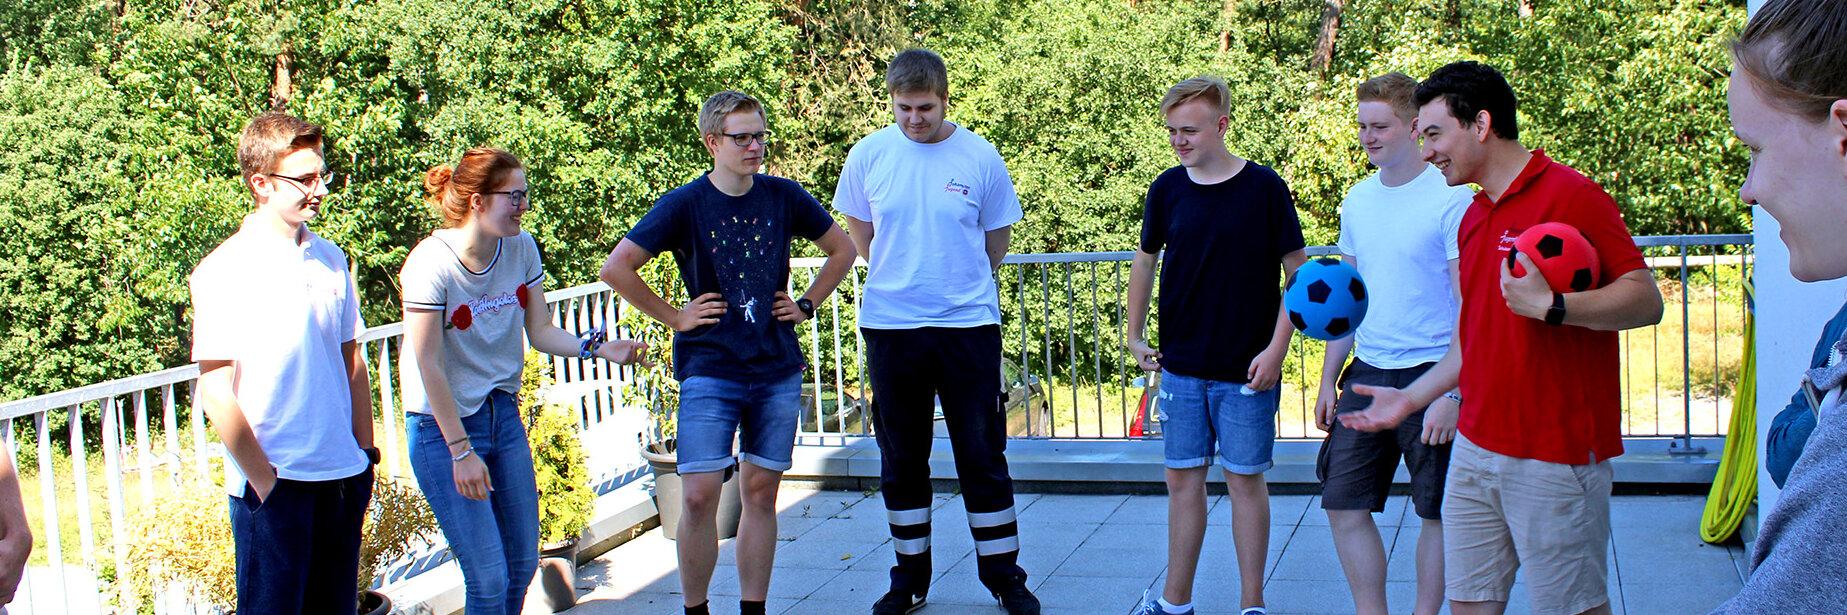 Jugendliche stehen in einem Halbkreis und spielen, von einem jungen Erwachsenen in Johanniter-Jugend-Polo geleitet, Ball.